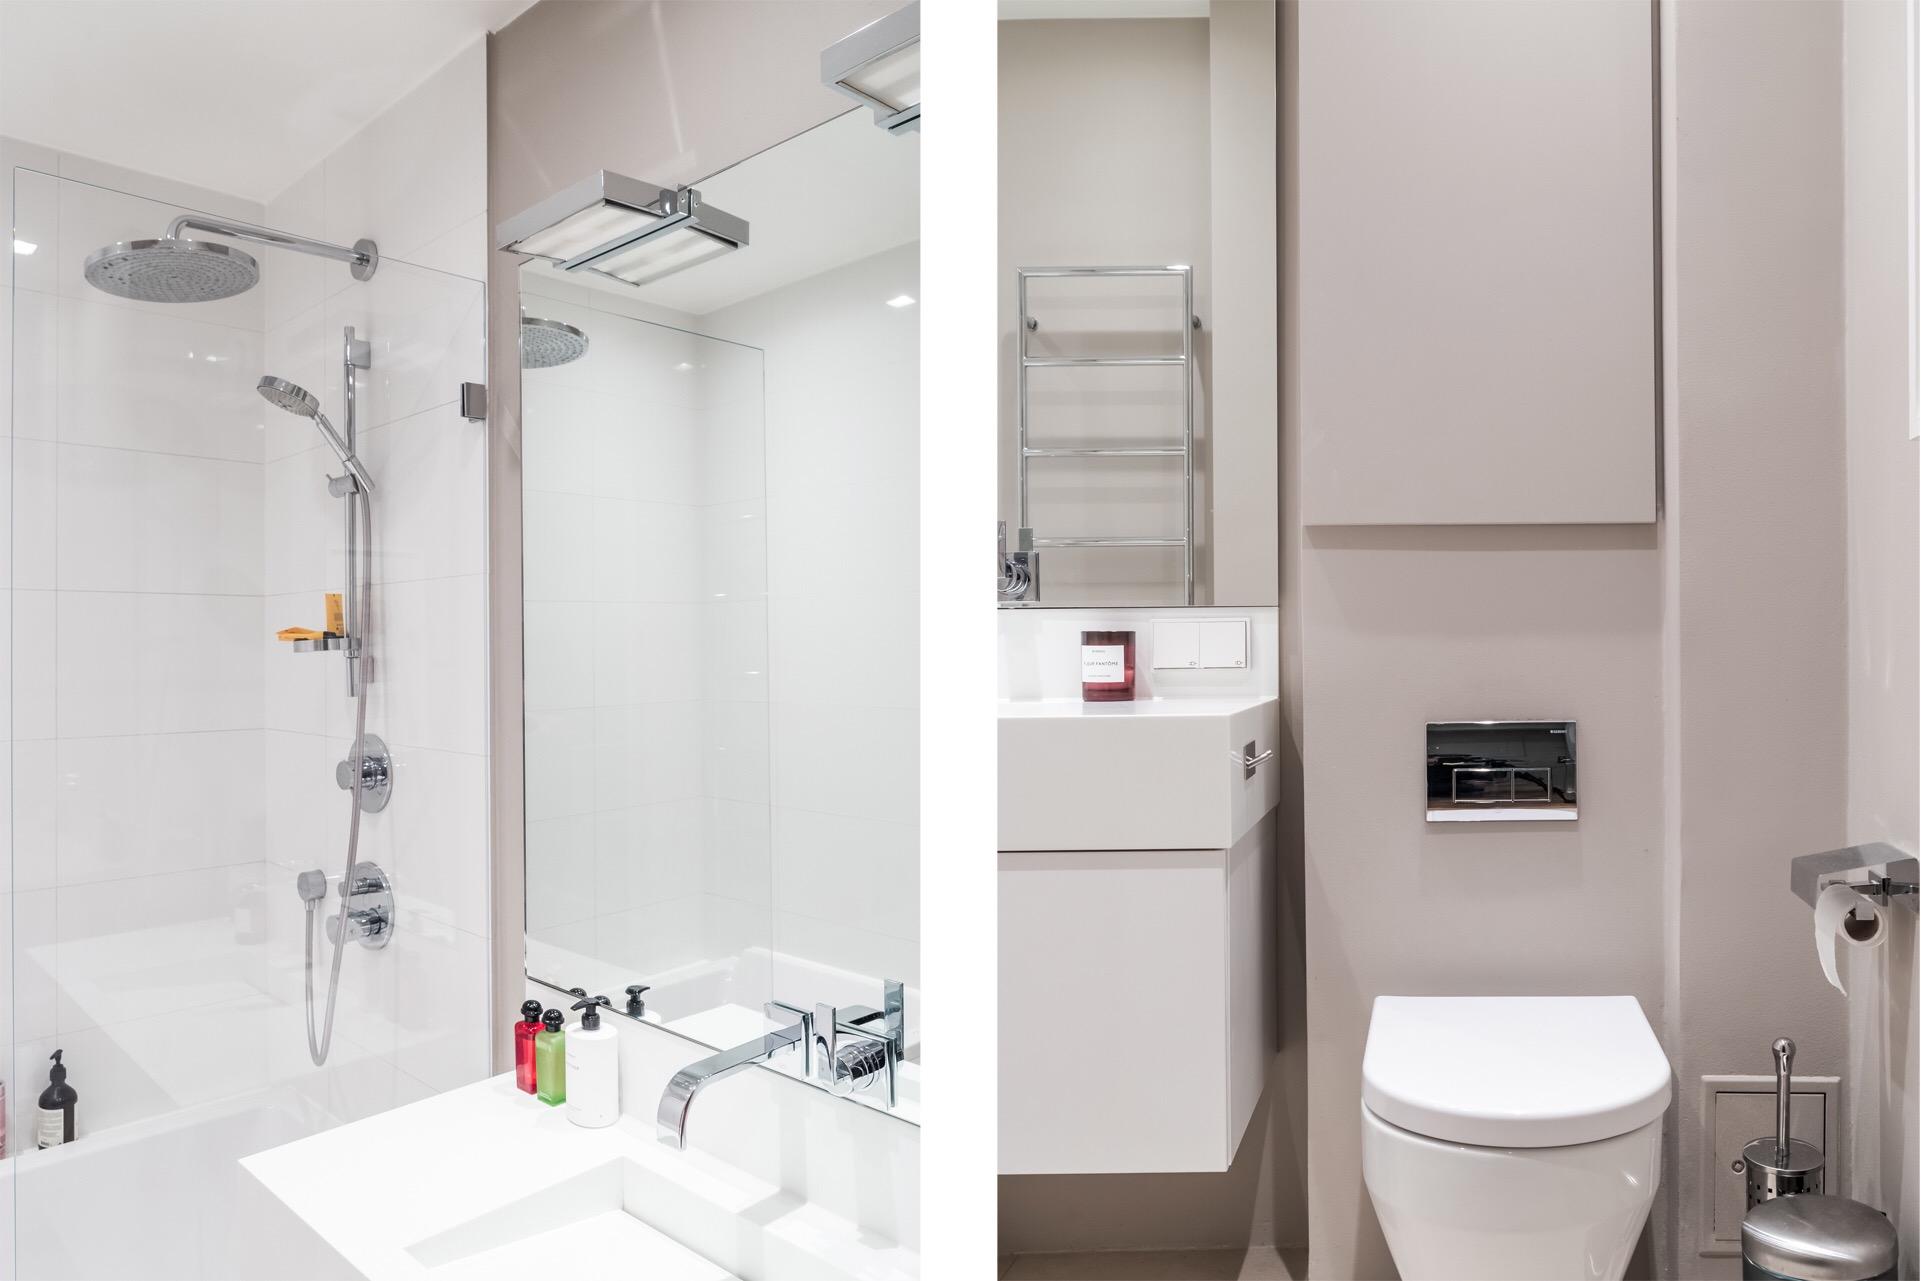 санузел раковина зеркало душ подвесной унитаз